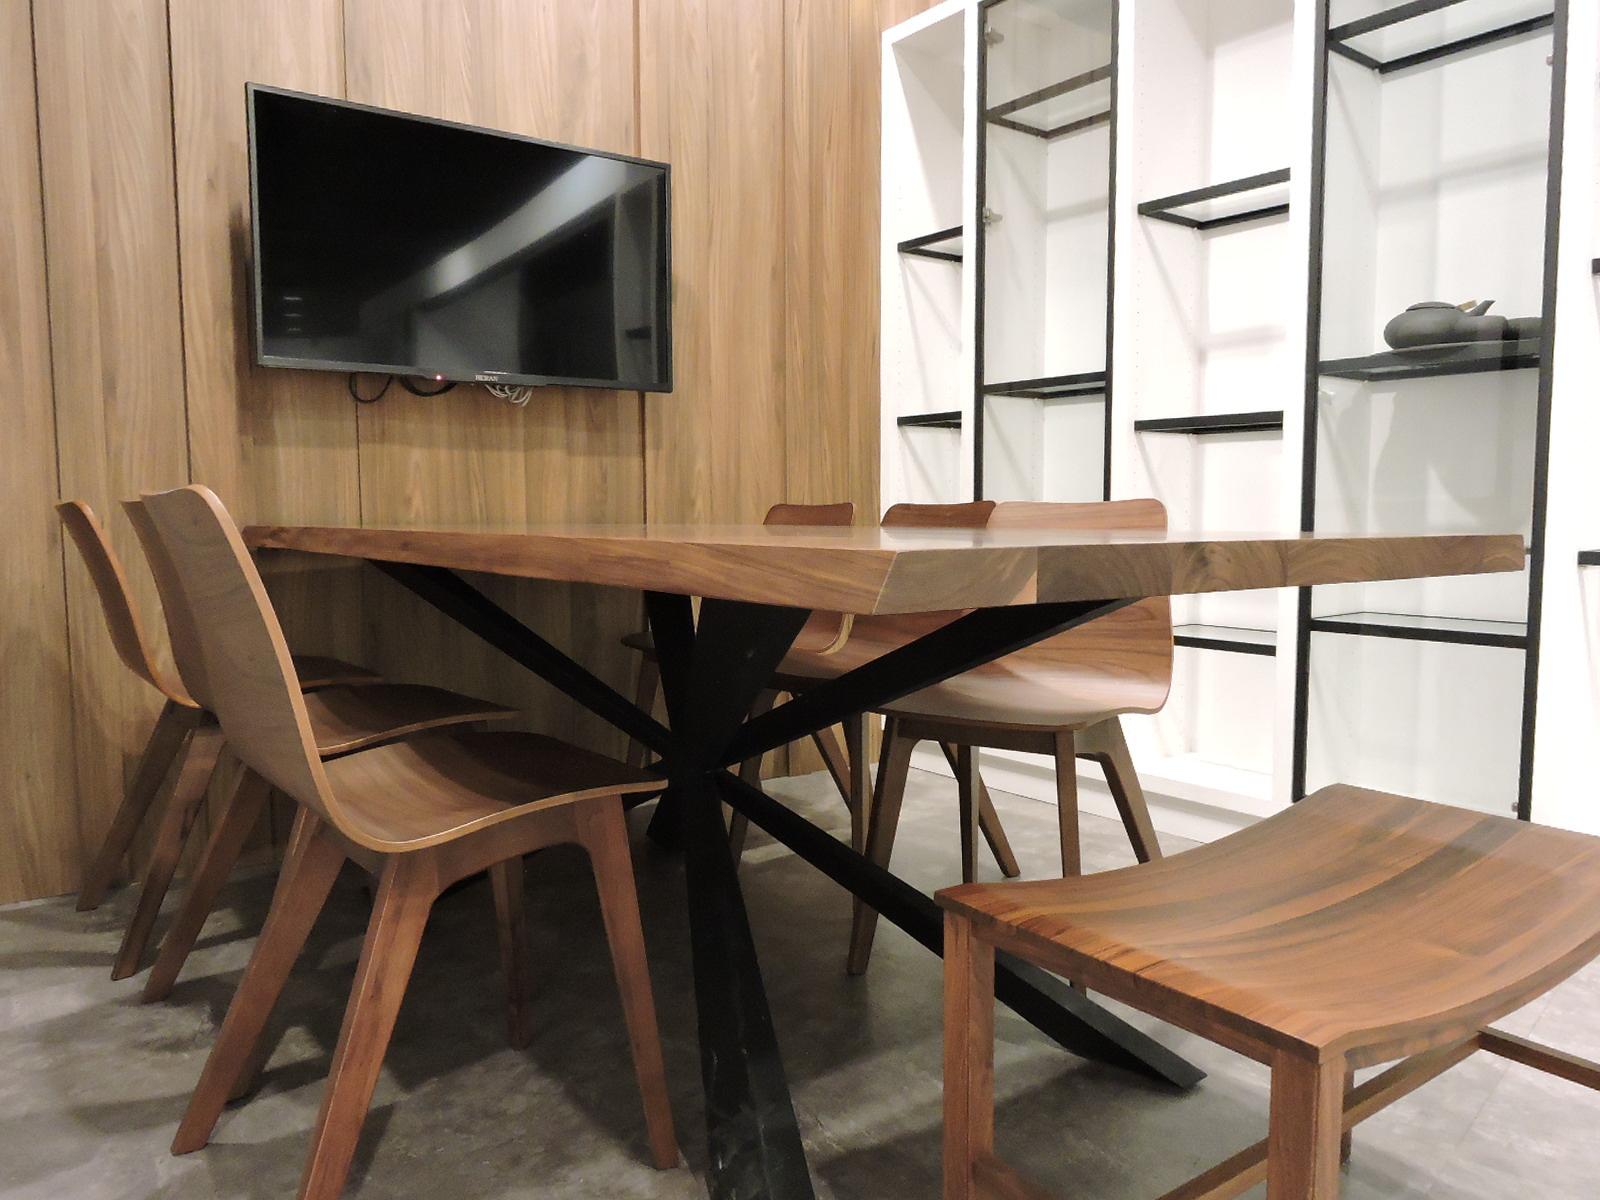 木傢具保養需要注意什麼?